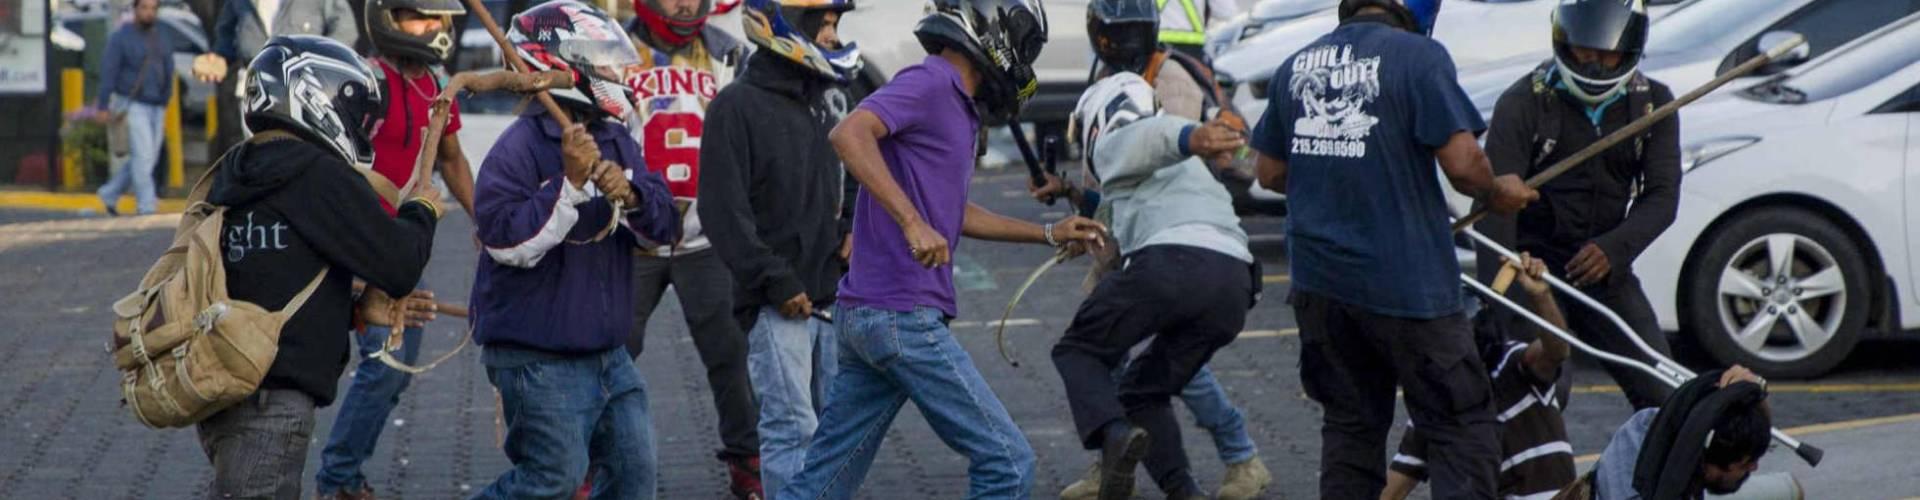 Agreden periodistas cubrían protesta